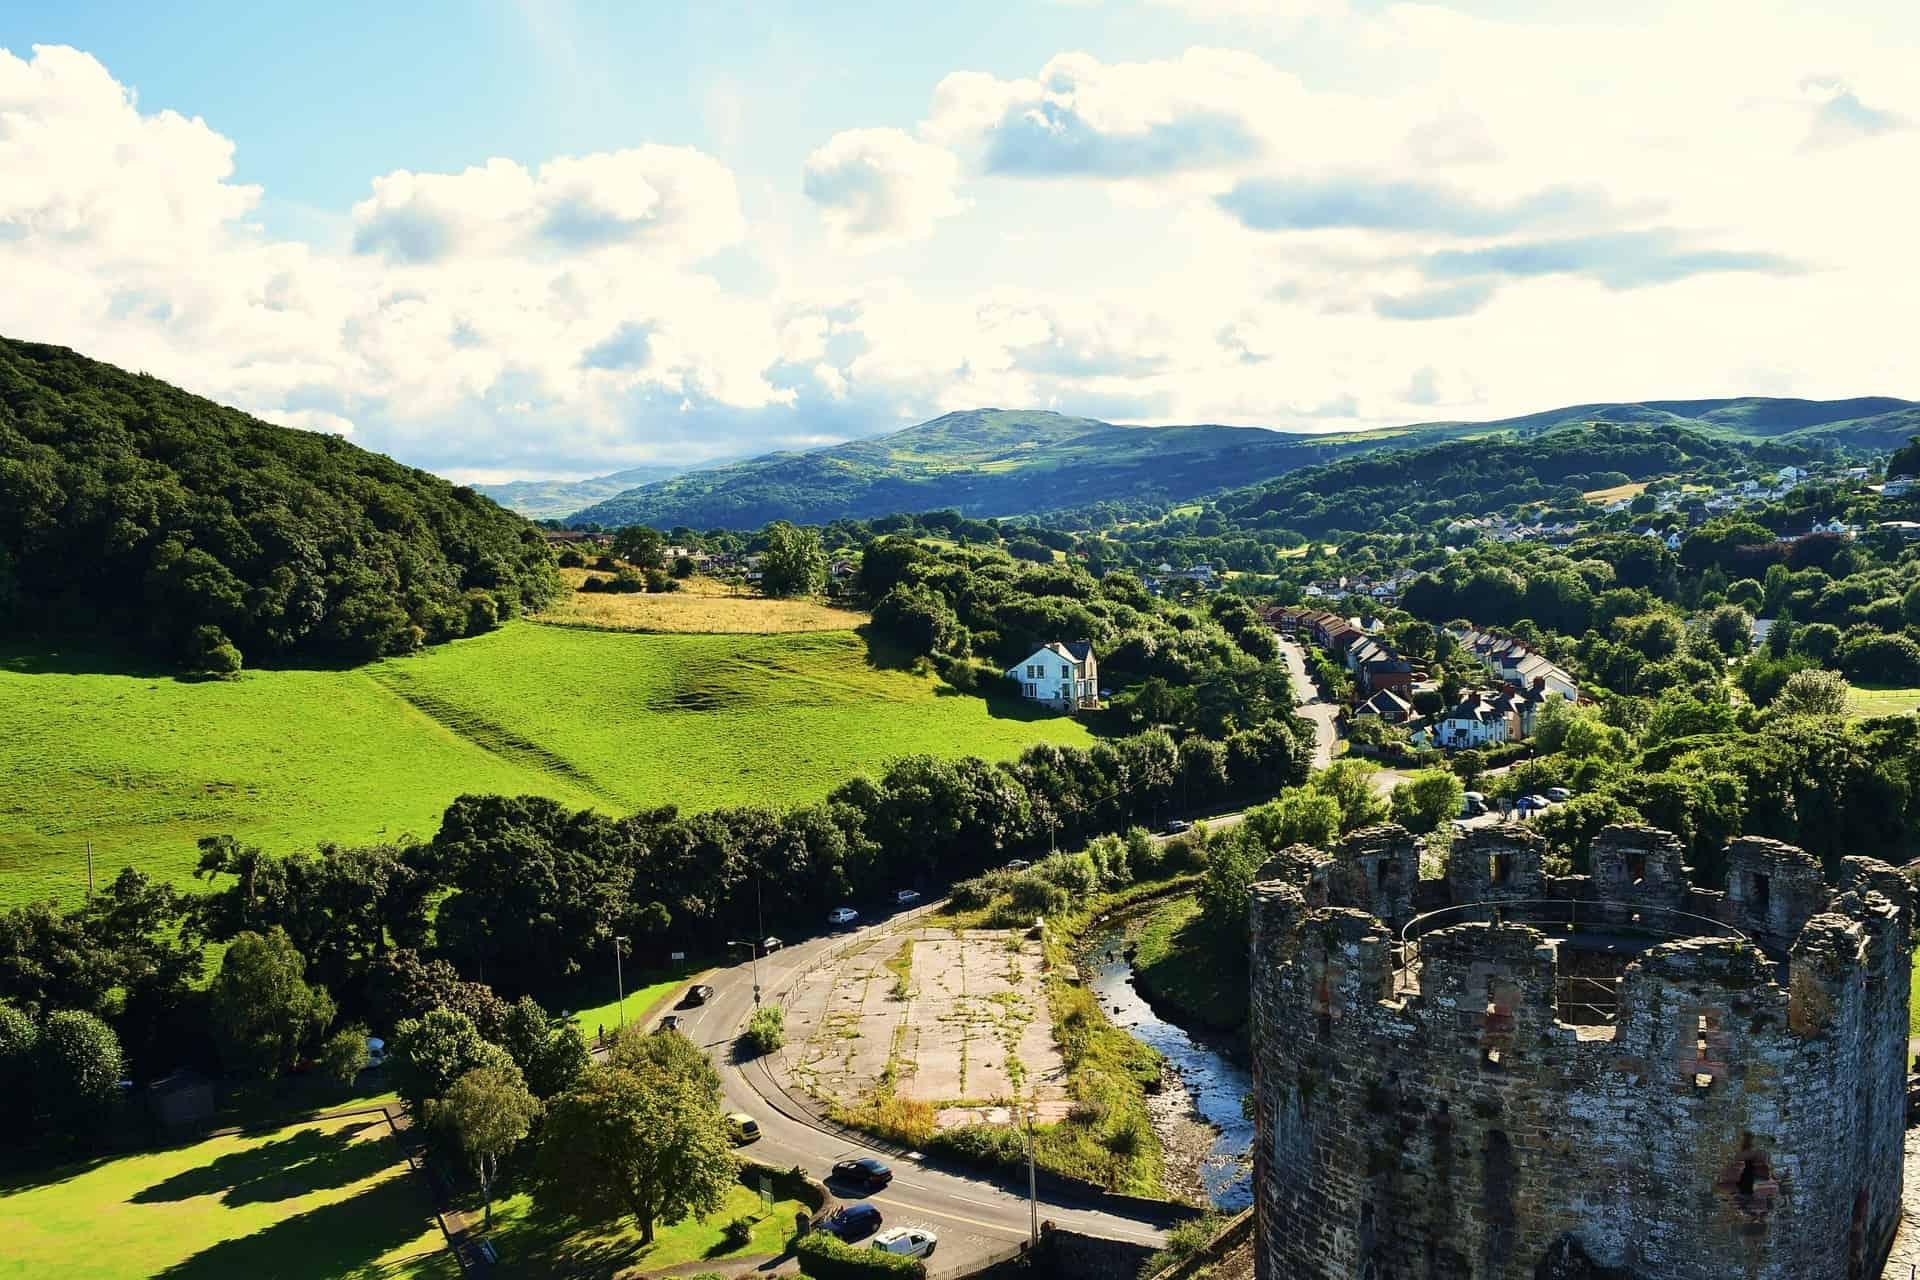 Cosa vedere nel Galles del nord: itinerario tra borghi, castelli e natura